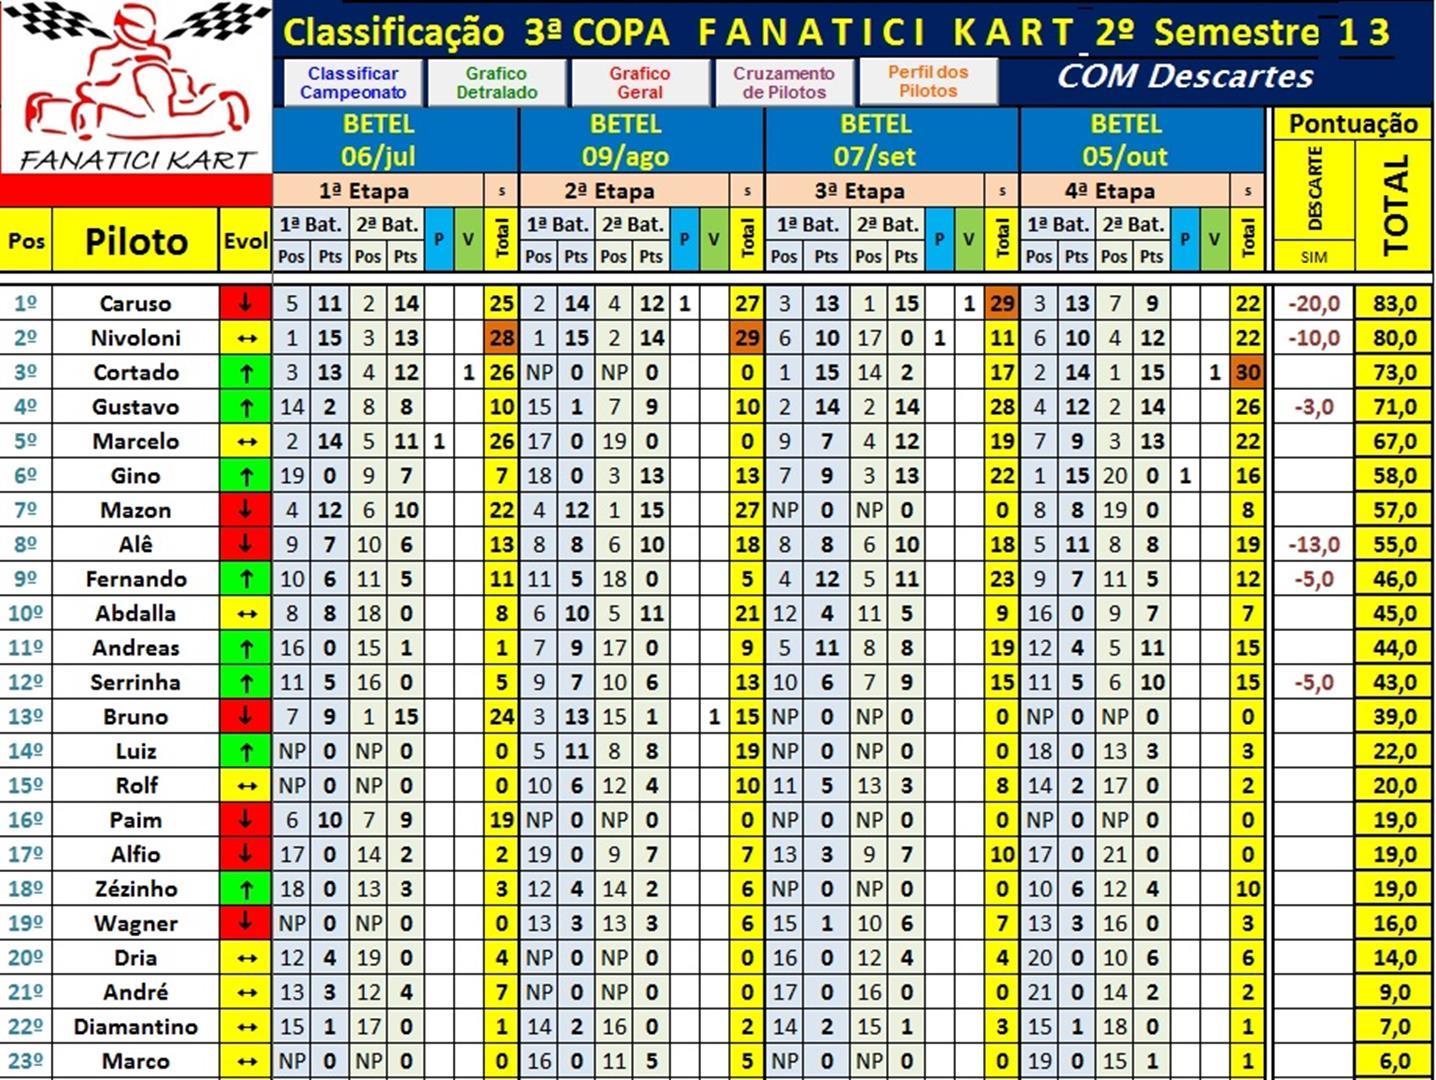 Classif após 4ªEt 2ºSem - Com DESC (Large) (1)